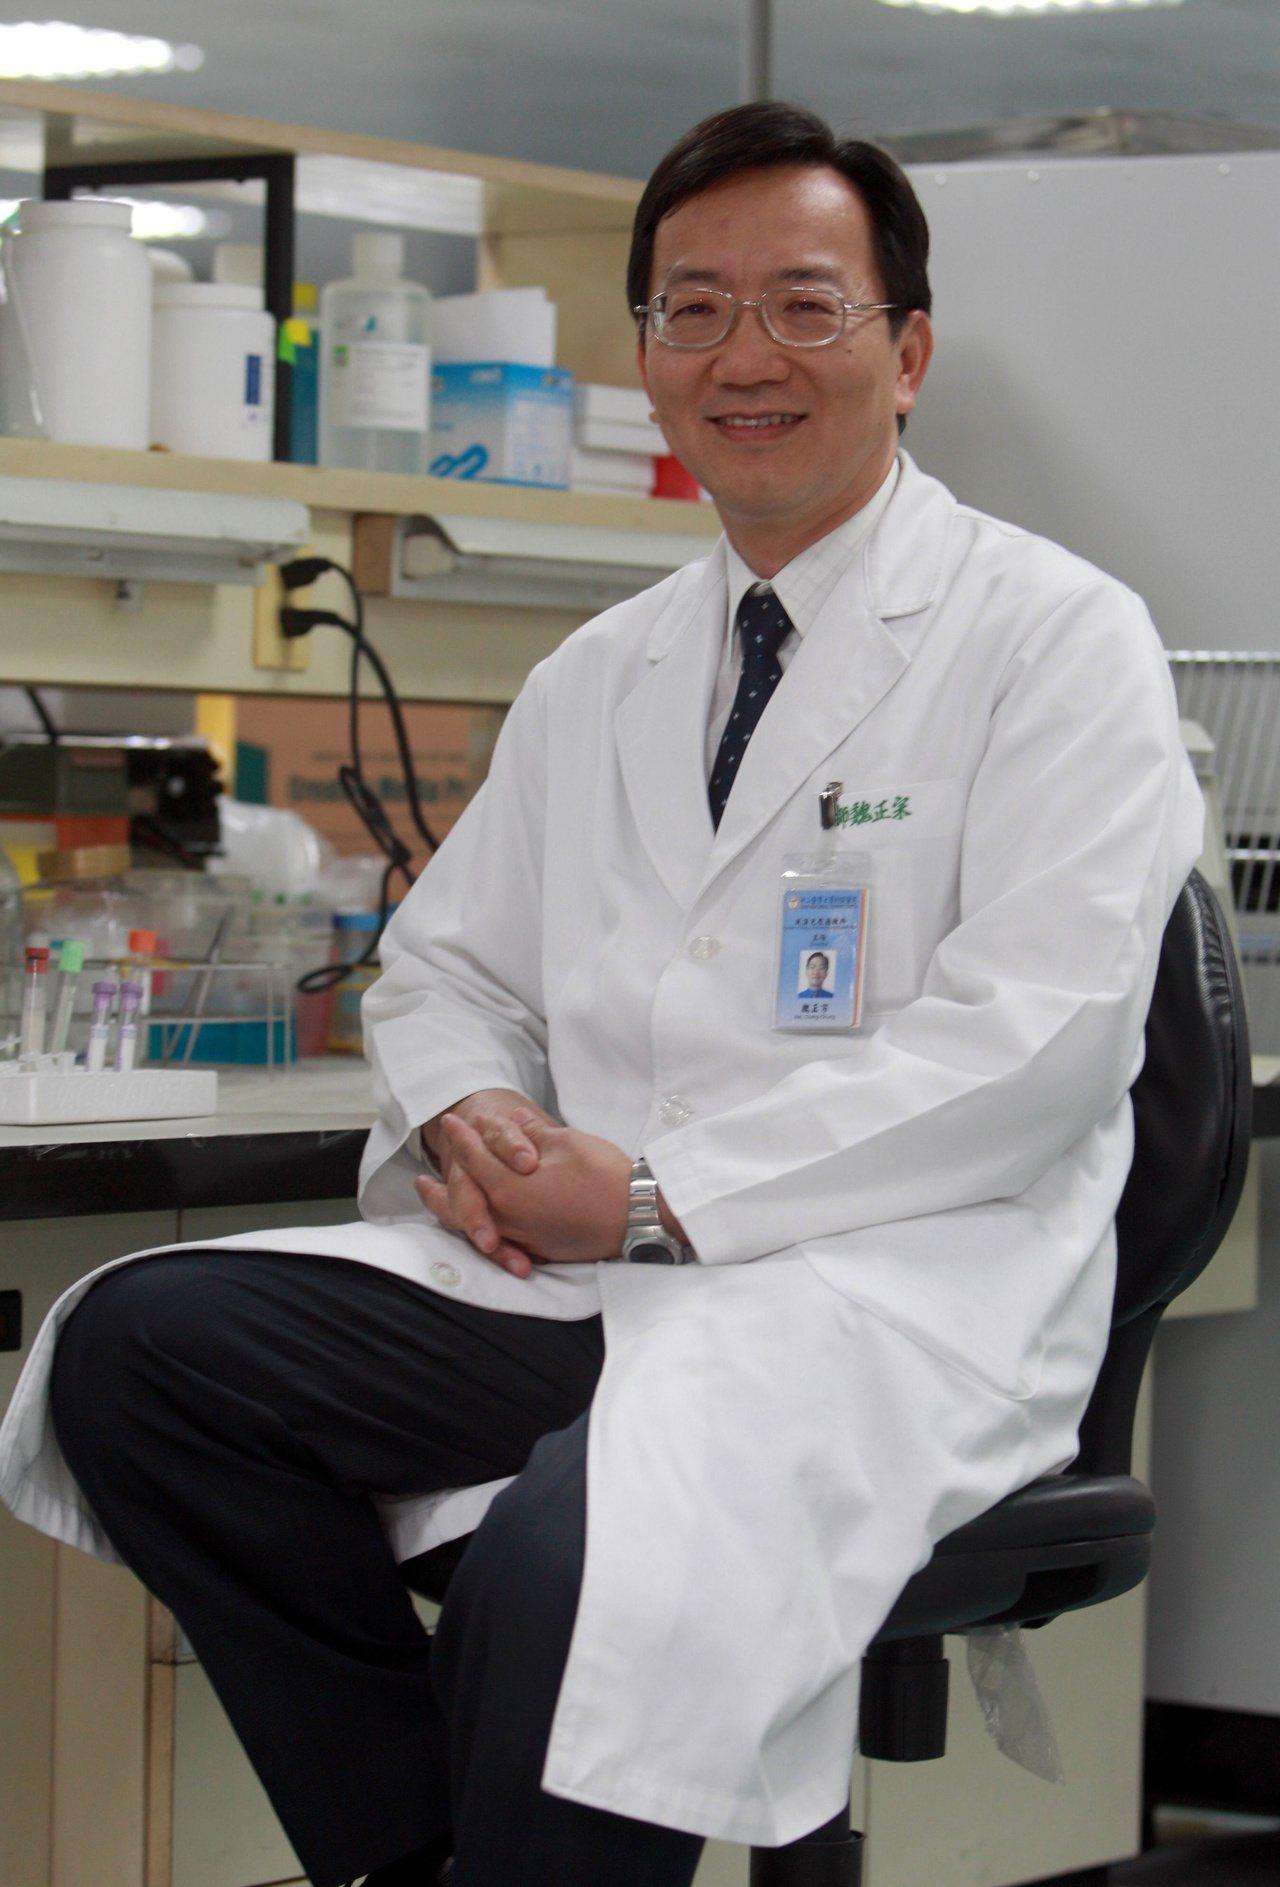 中山醫學大學附設醫院過敏免疫風濕科主任魏正宗,身兼僵直性脊椎炎的醫師和病友身份,...